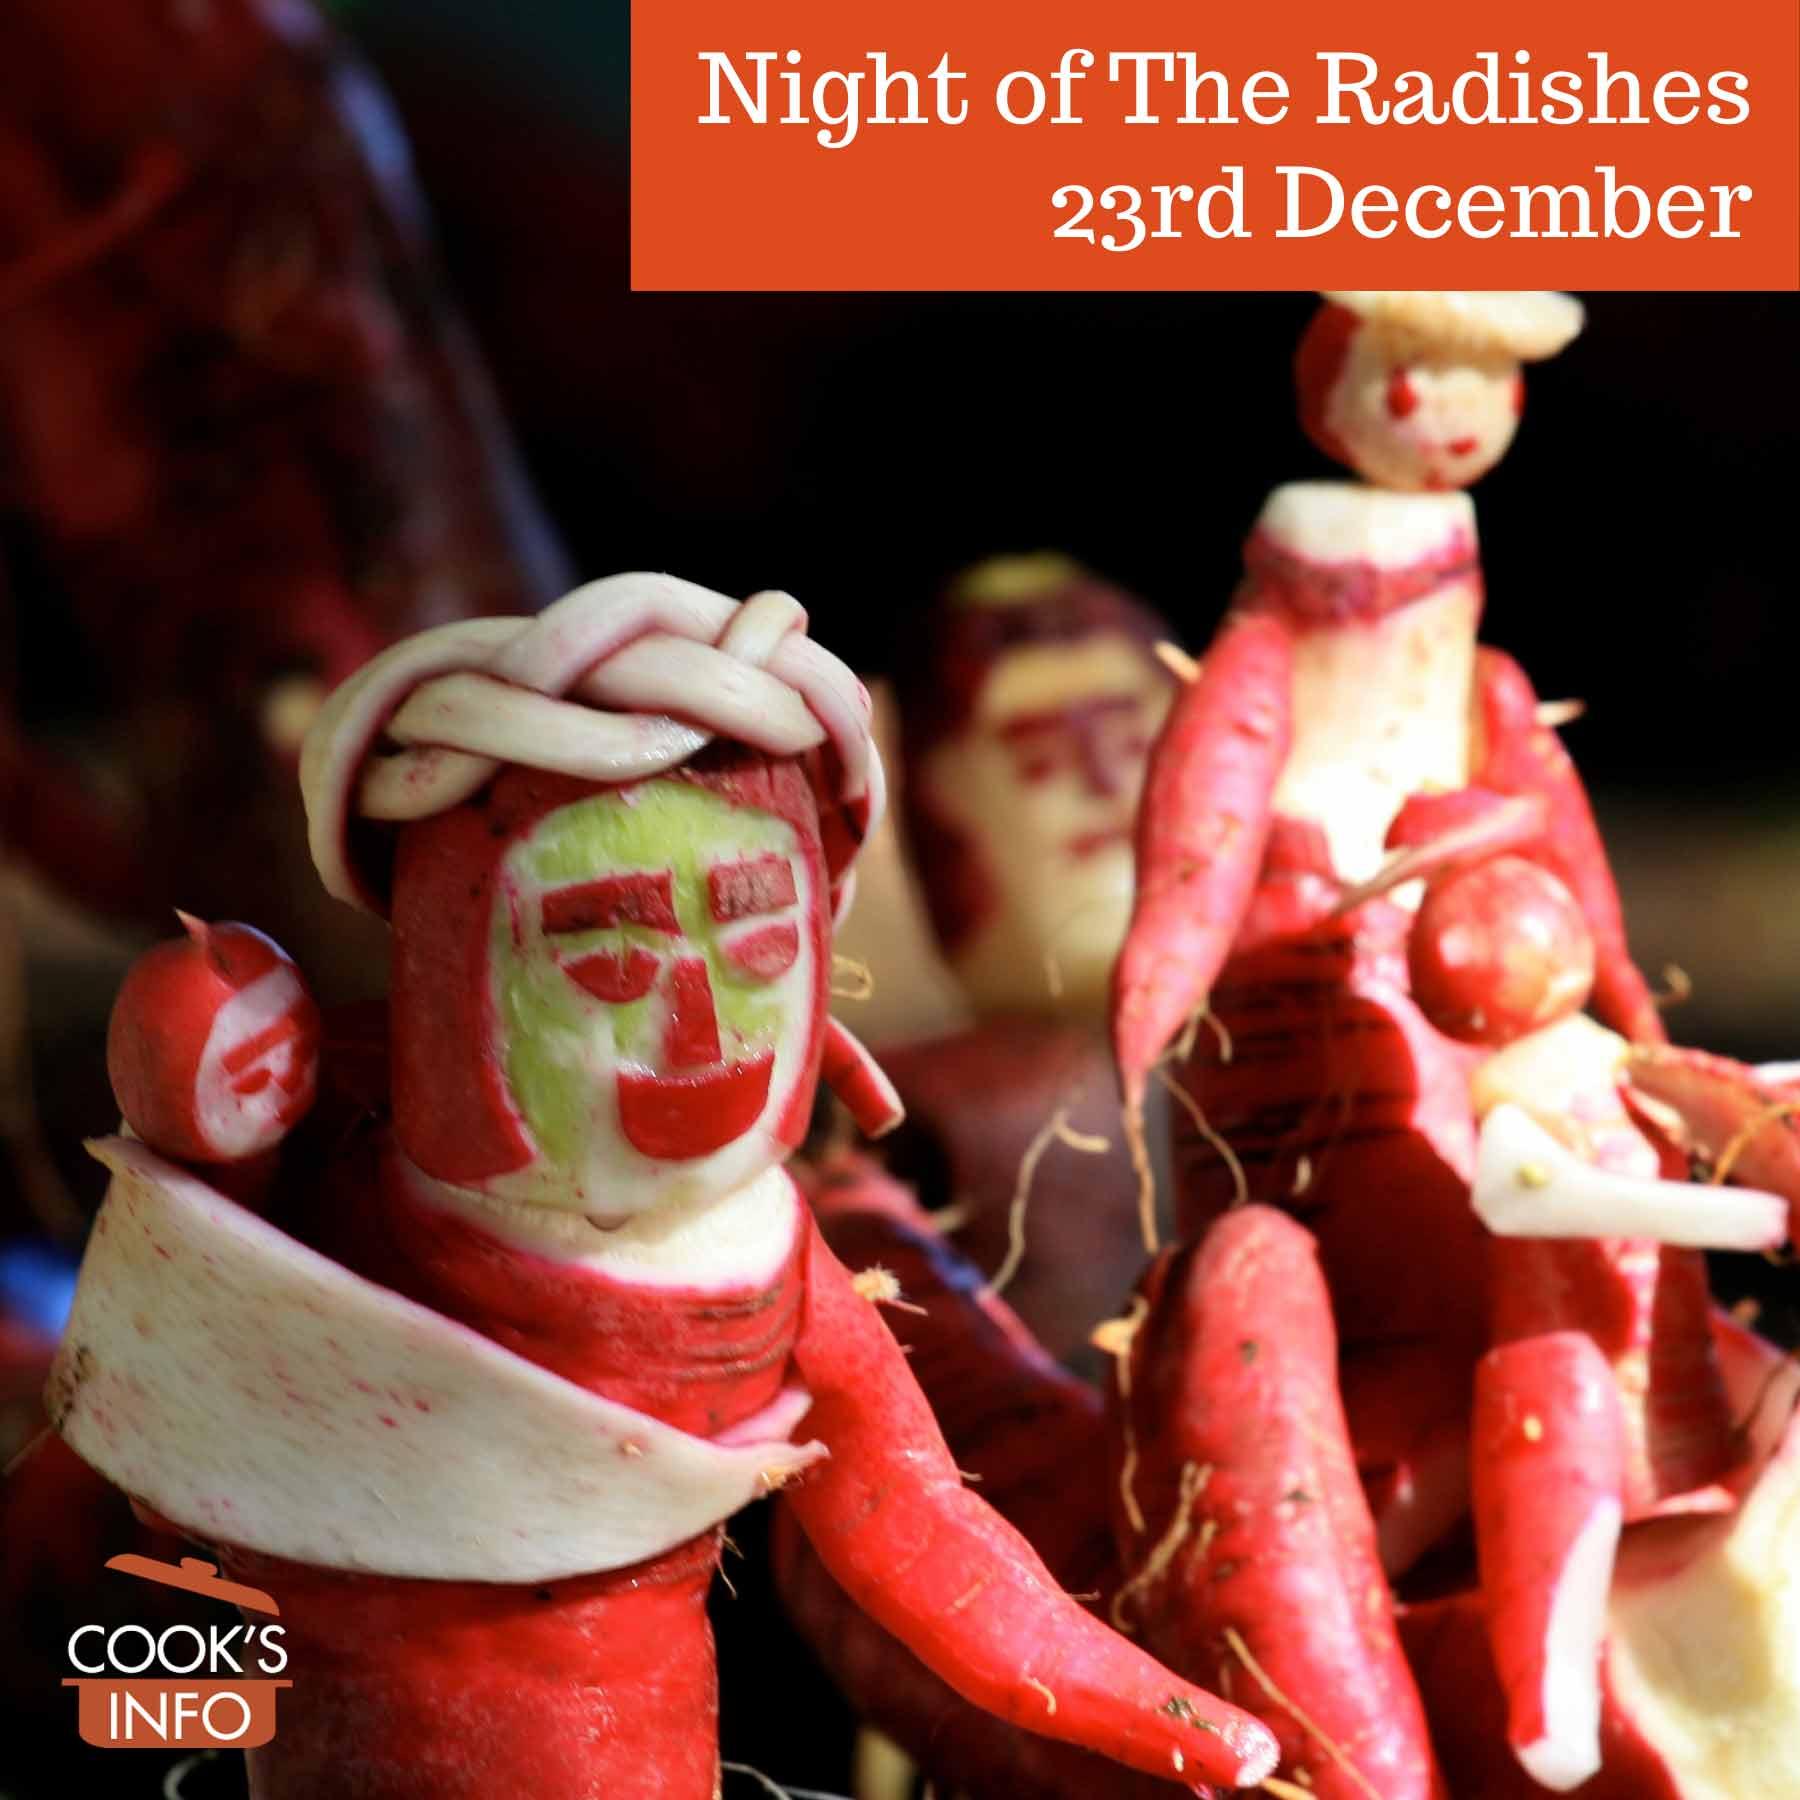 Radish sculptures